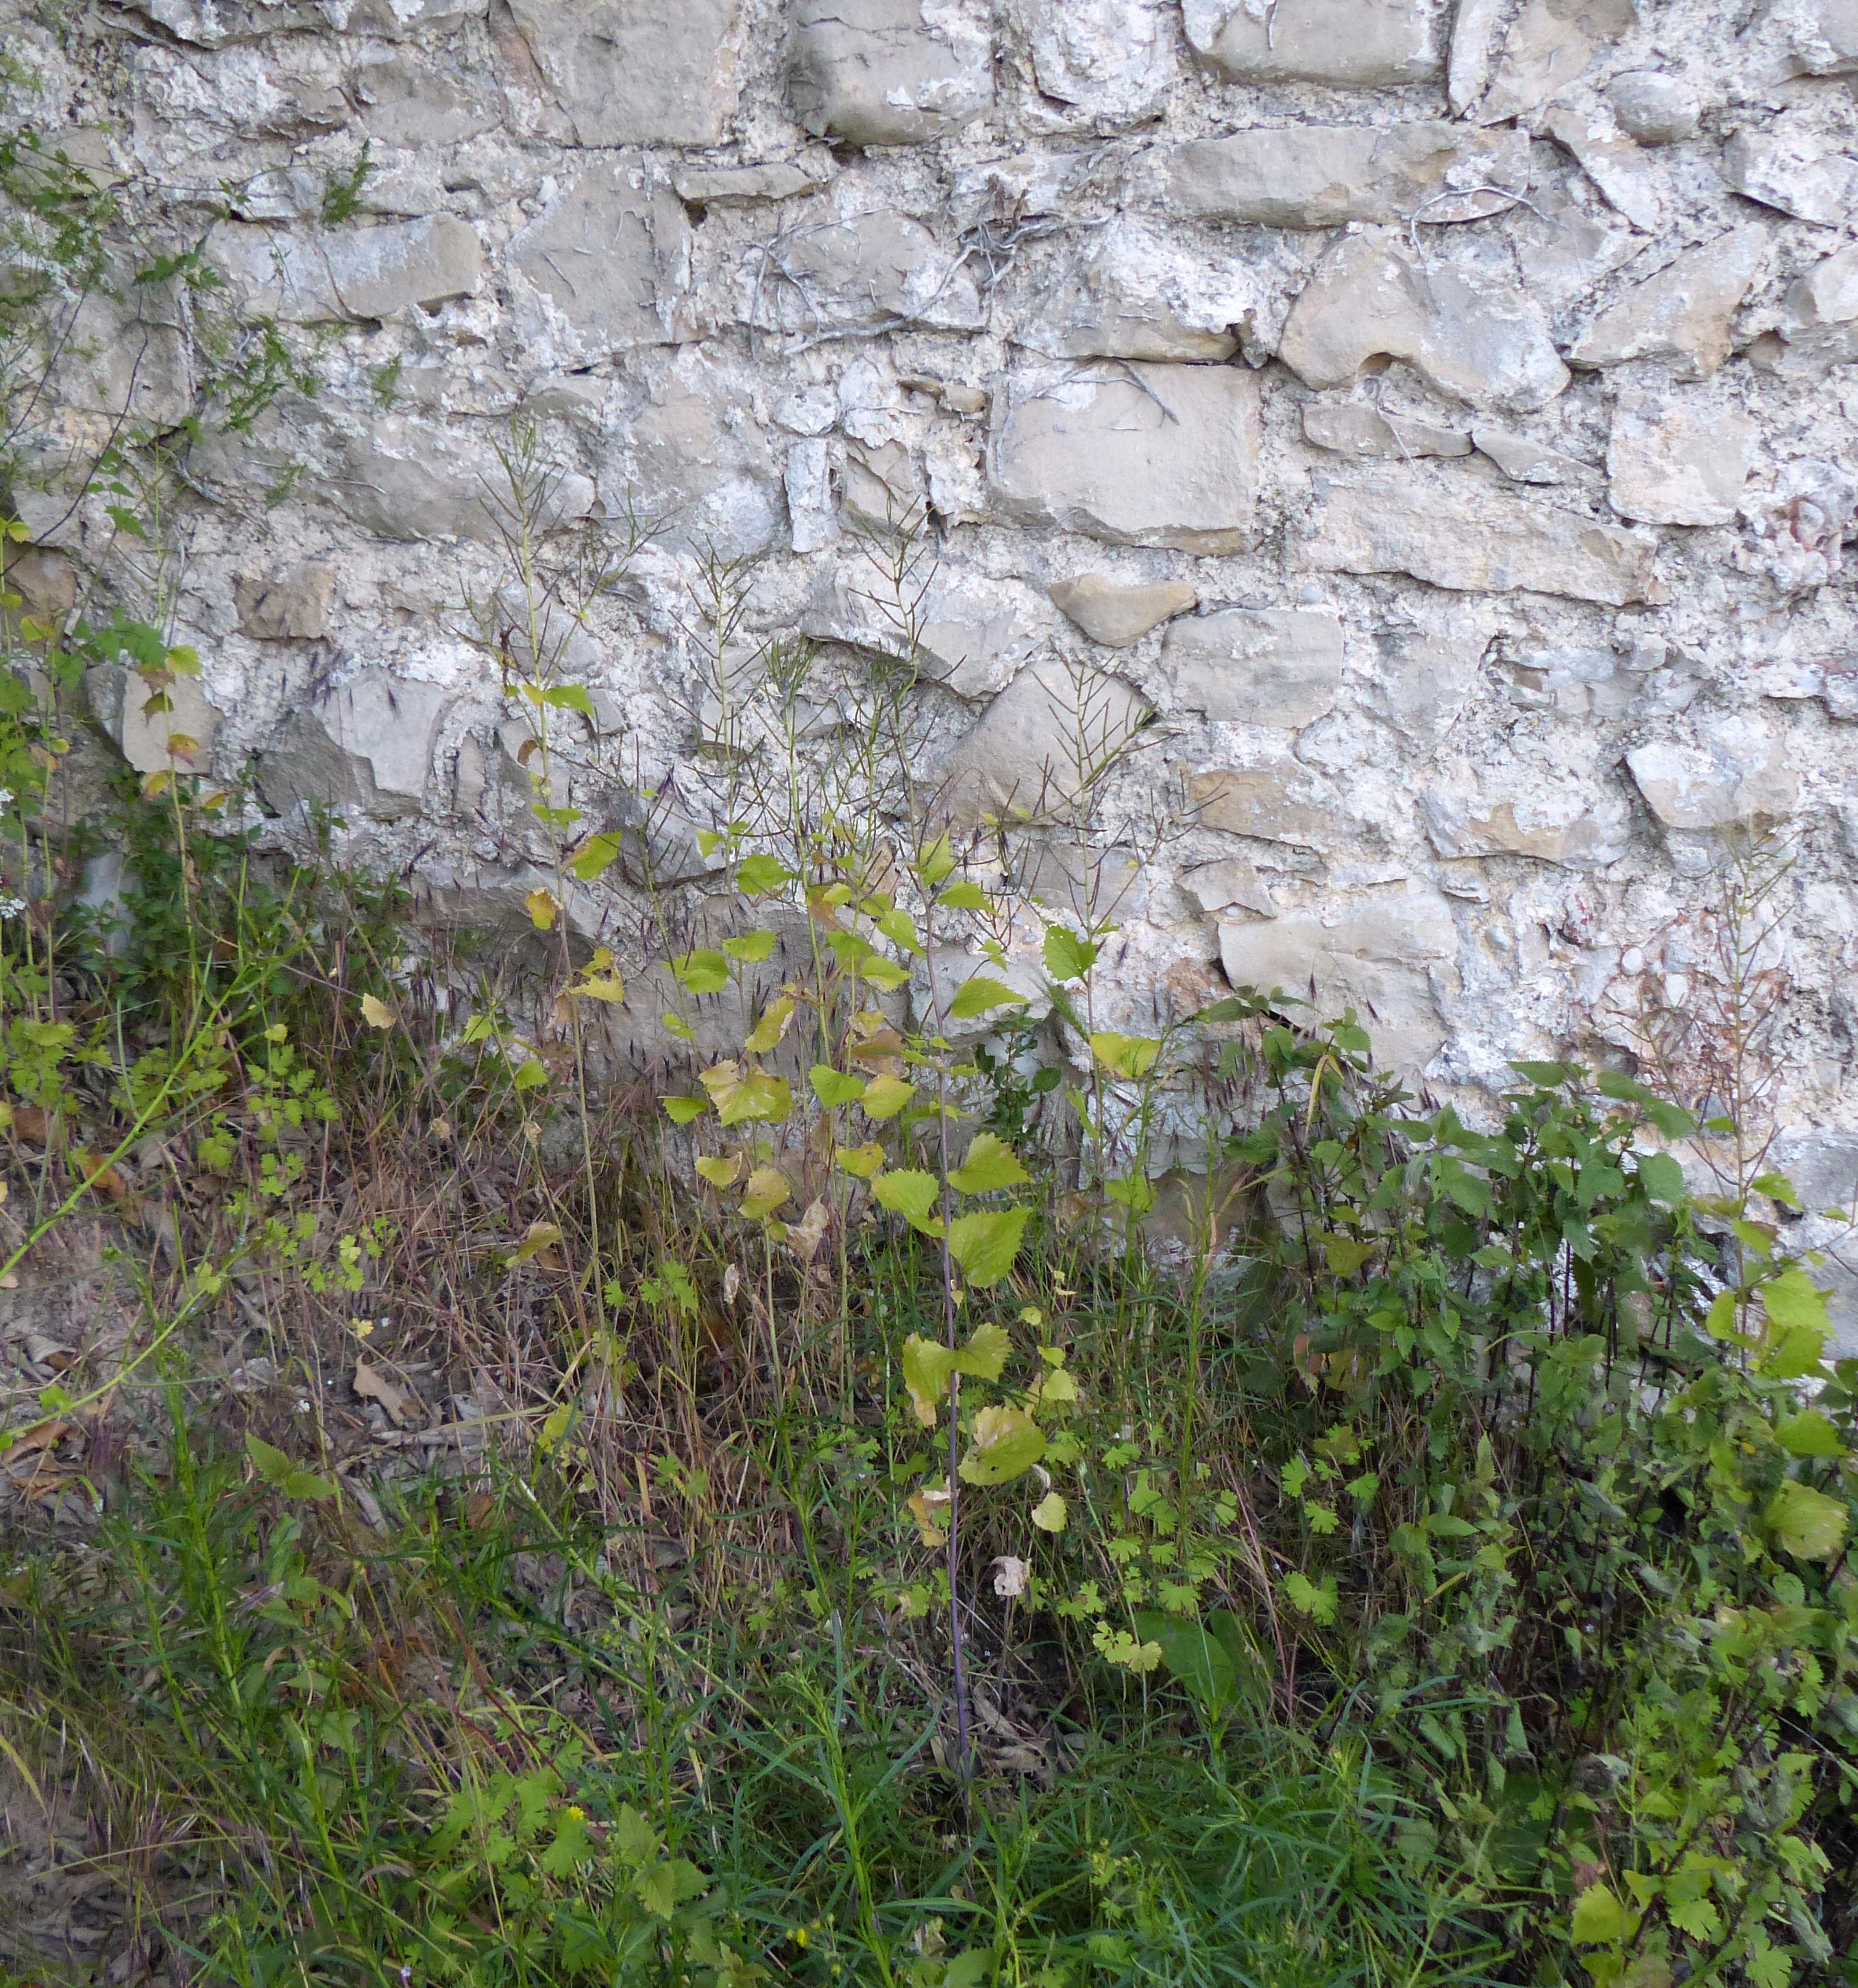 &copy; Dipartimento di Scienze della Vita, Università di Trieste<br>by Andrea Moro<br>Comune di Asolo, nei pressi della salita per la Rocca, TV, Veneto, Italia, 22/05/2016<br>Distributed under CC-BY-SA 4.0 license.